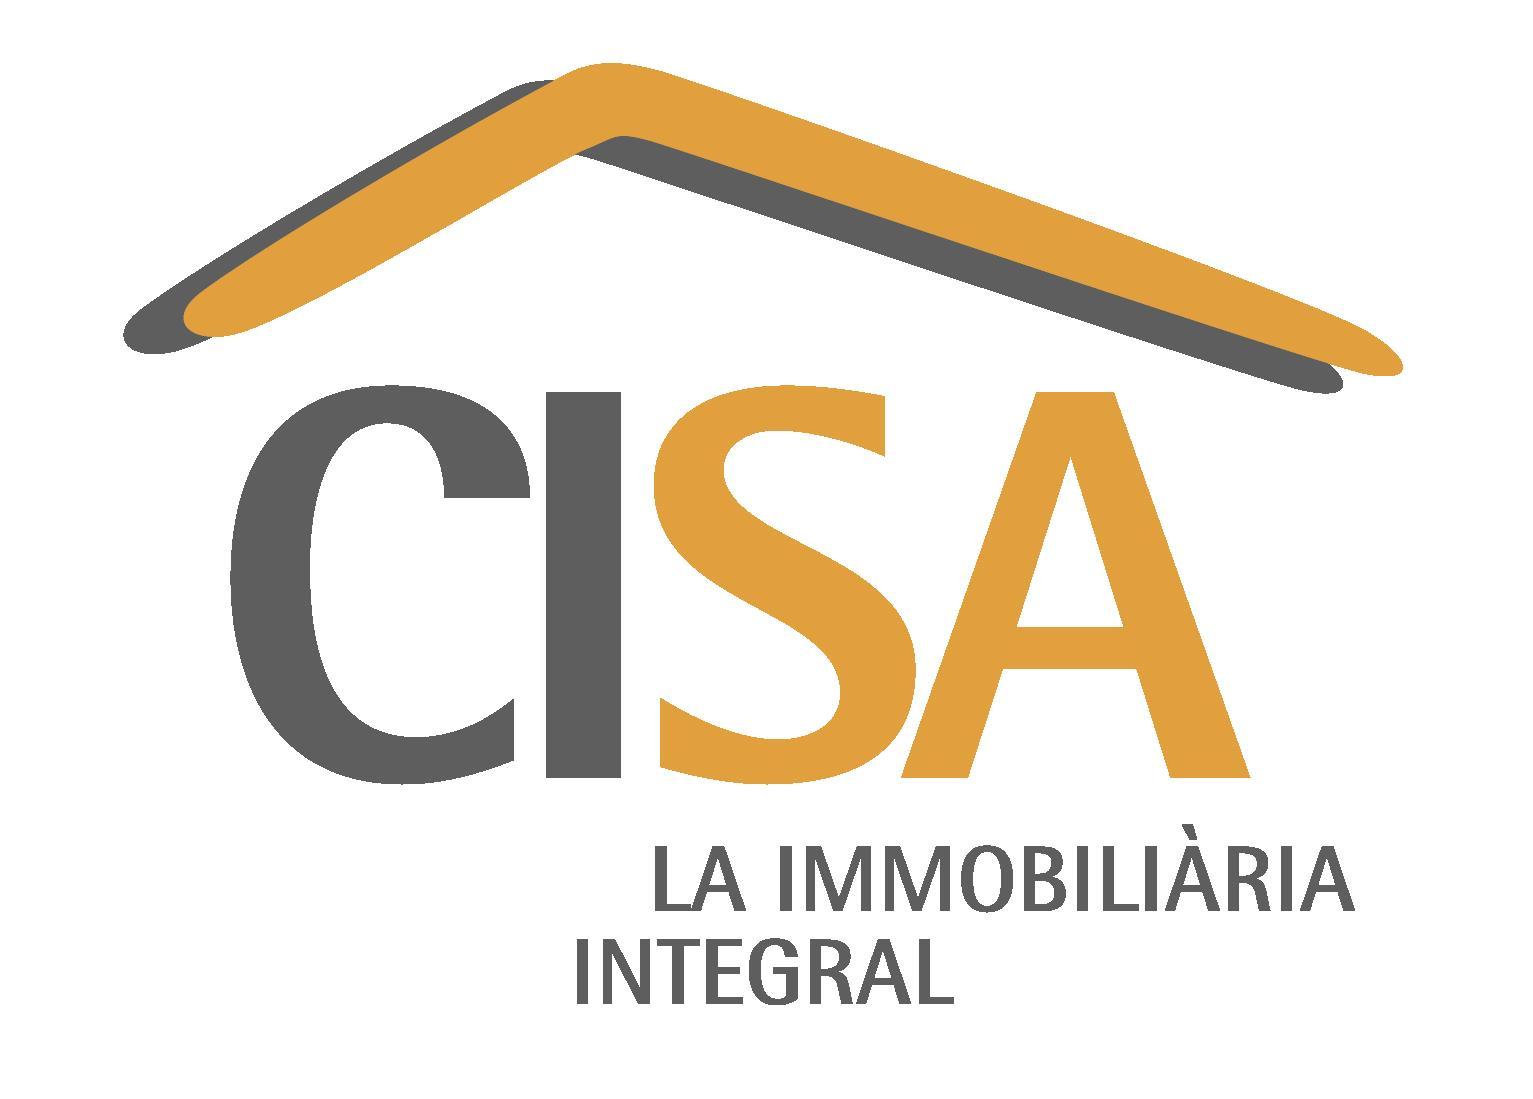 Immobiliaria CISA